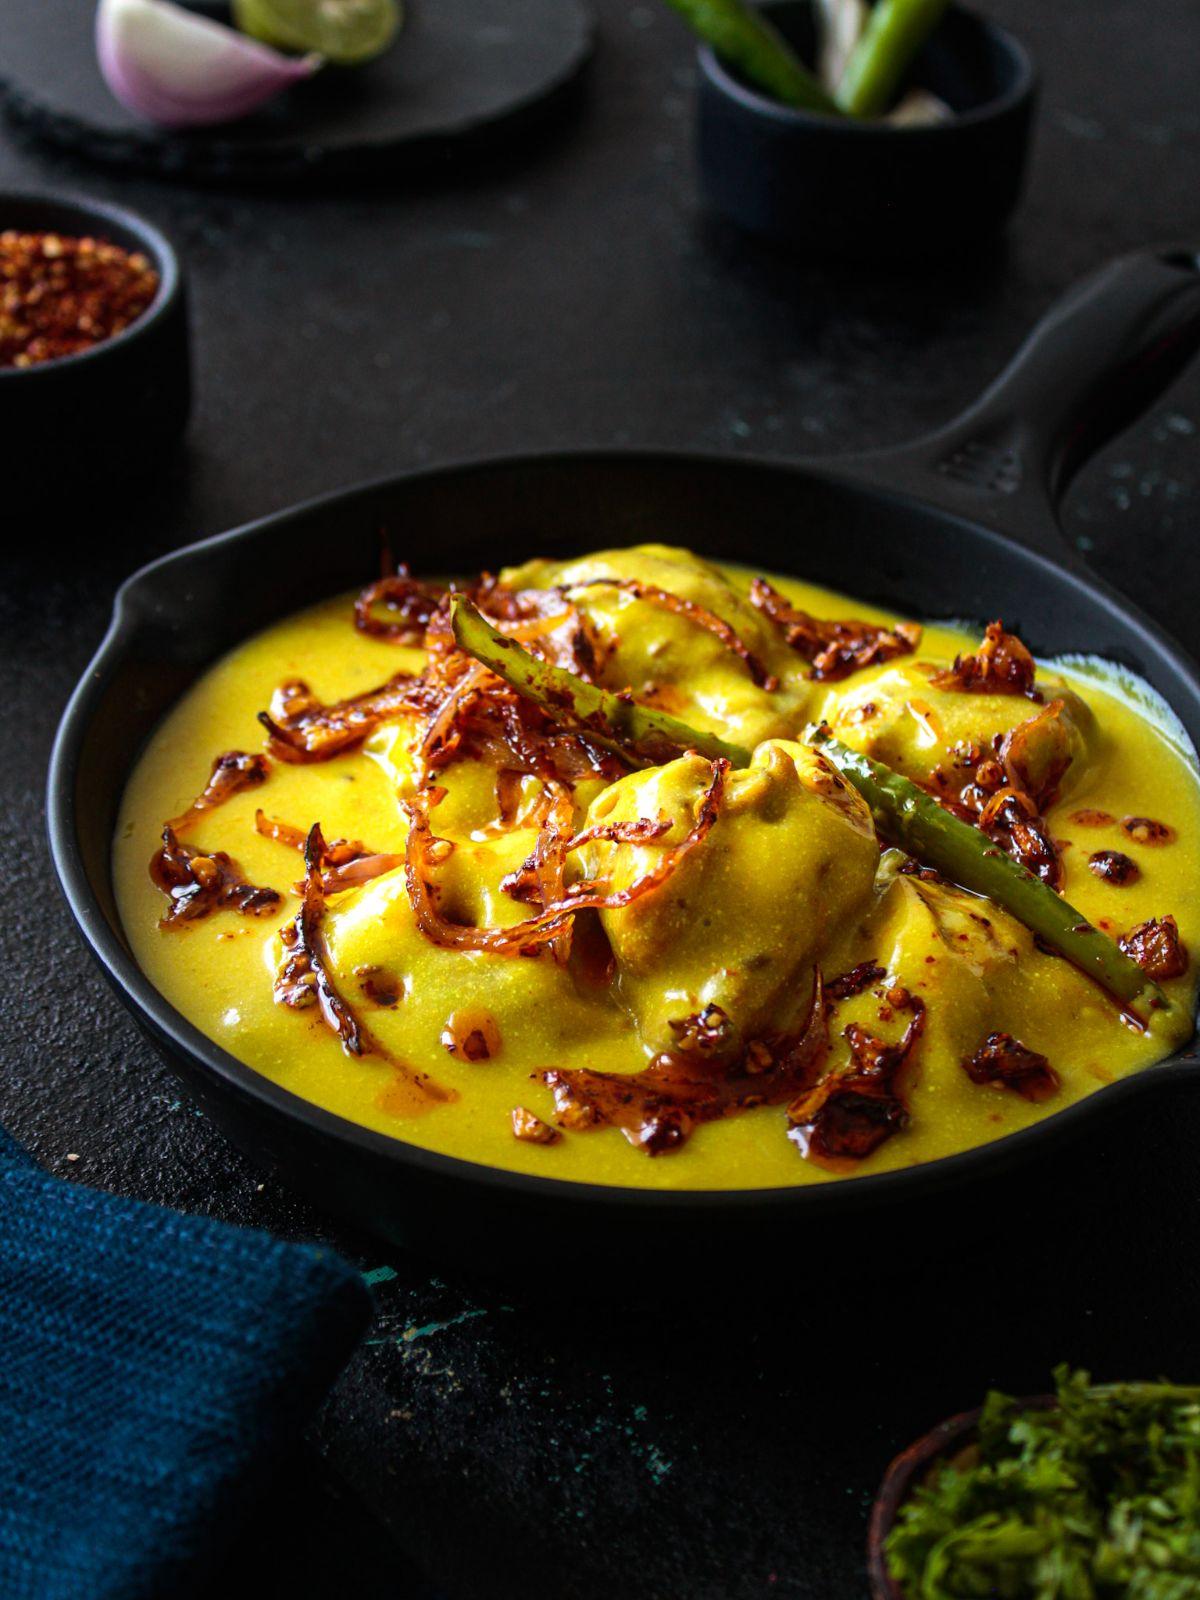 Kadhi ready to eat garnished with freshly chopped coriander.